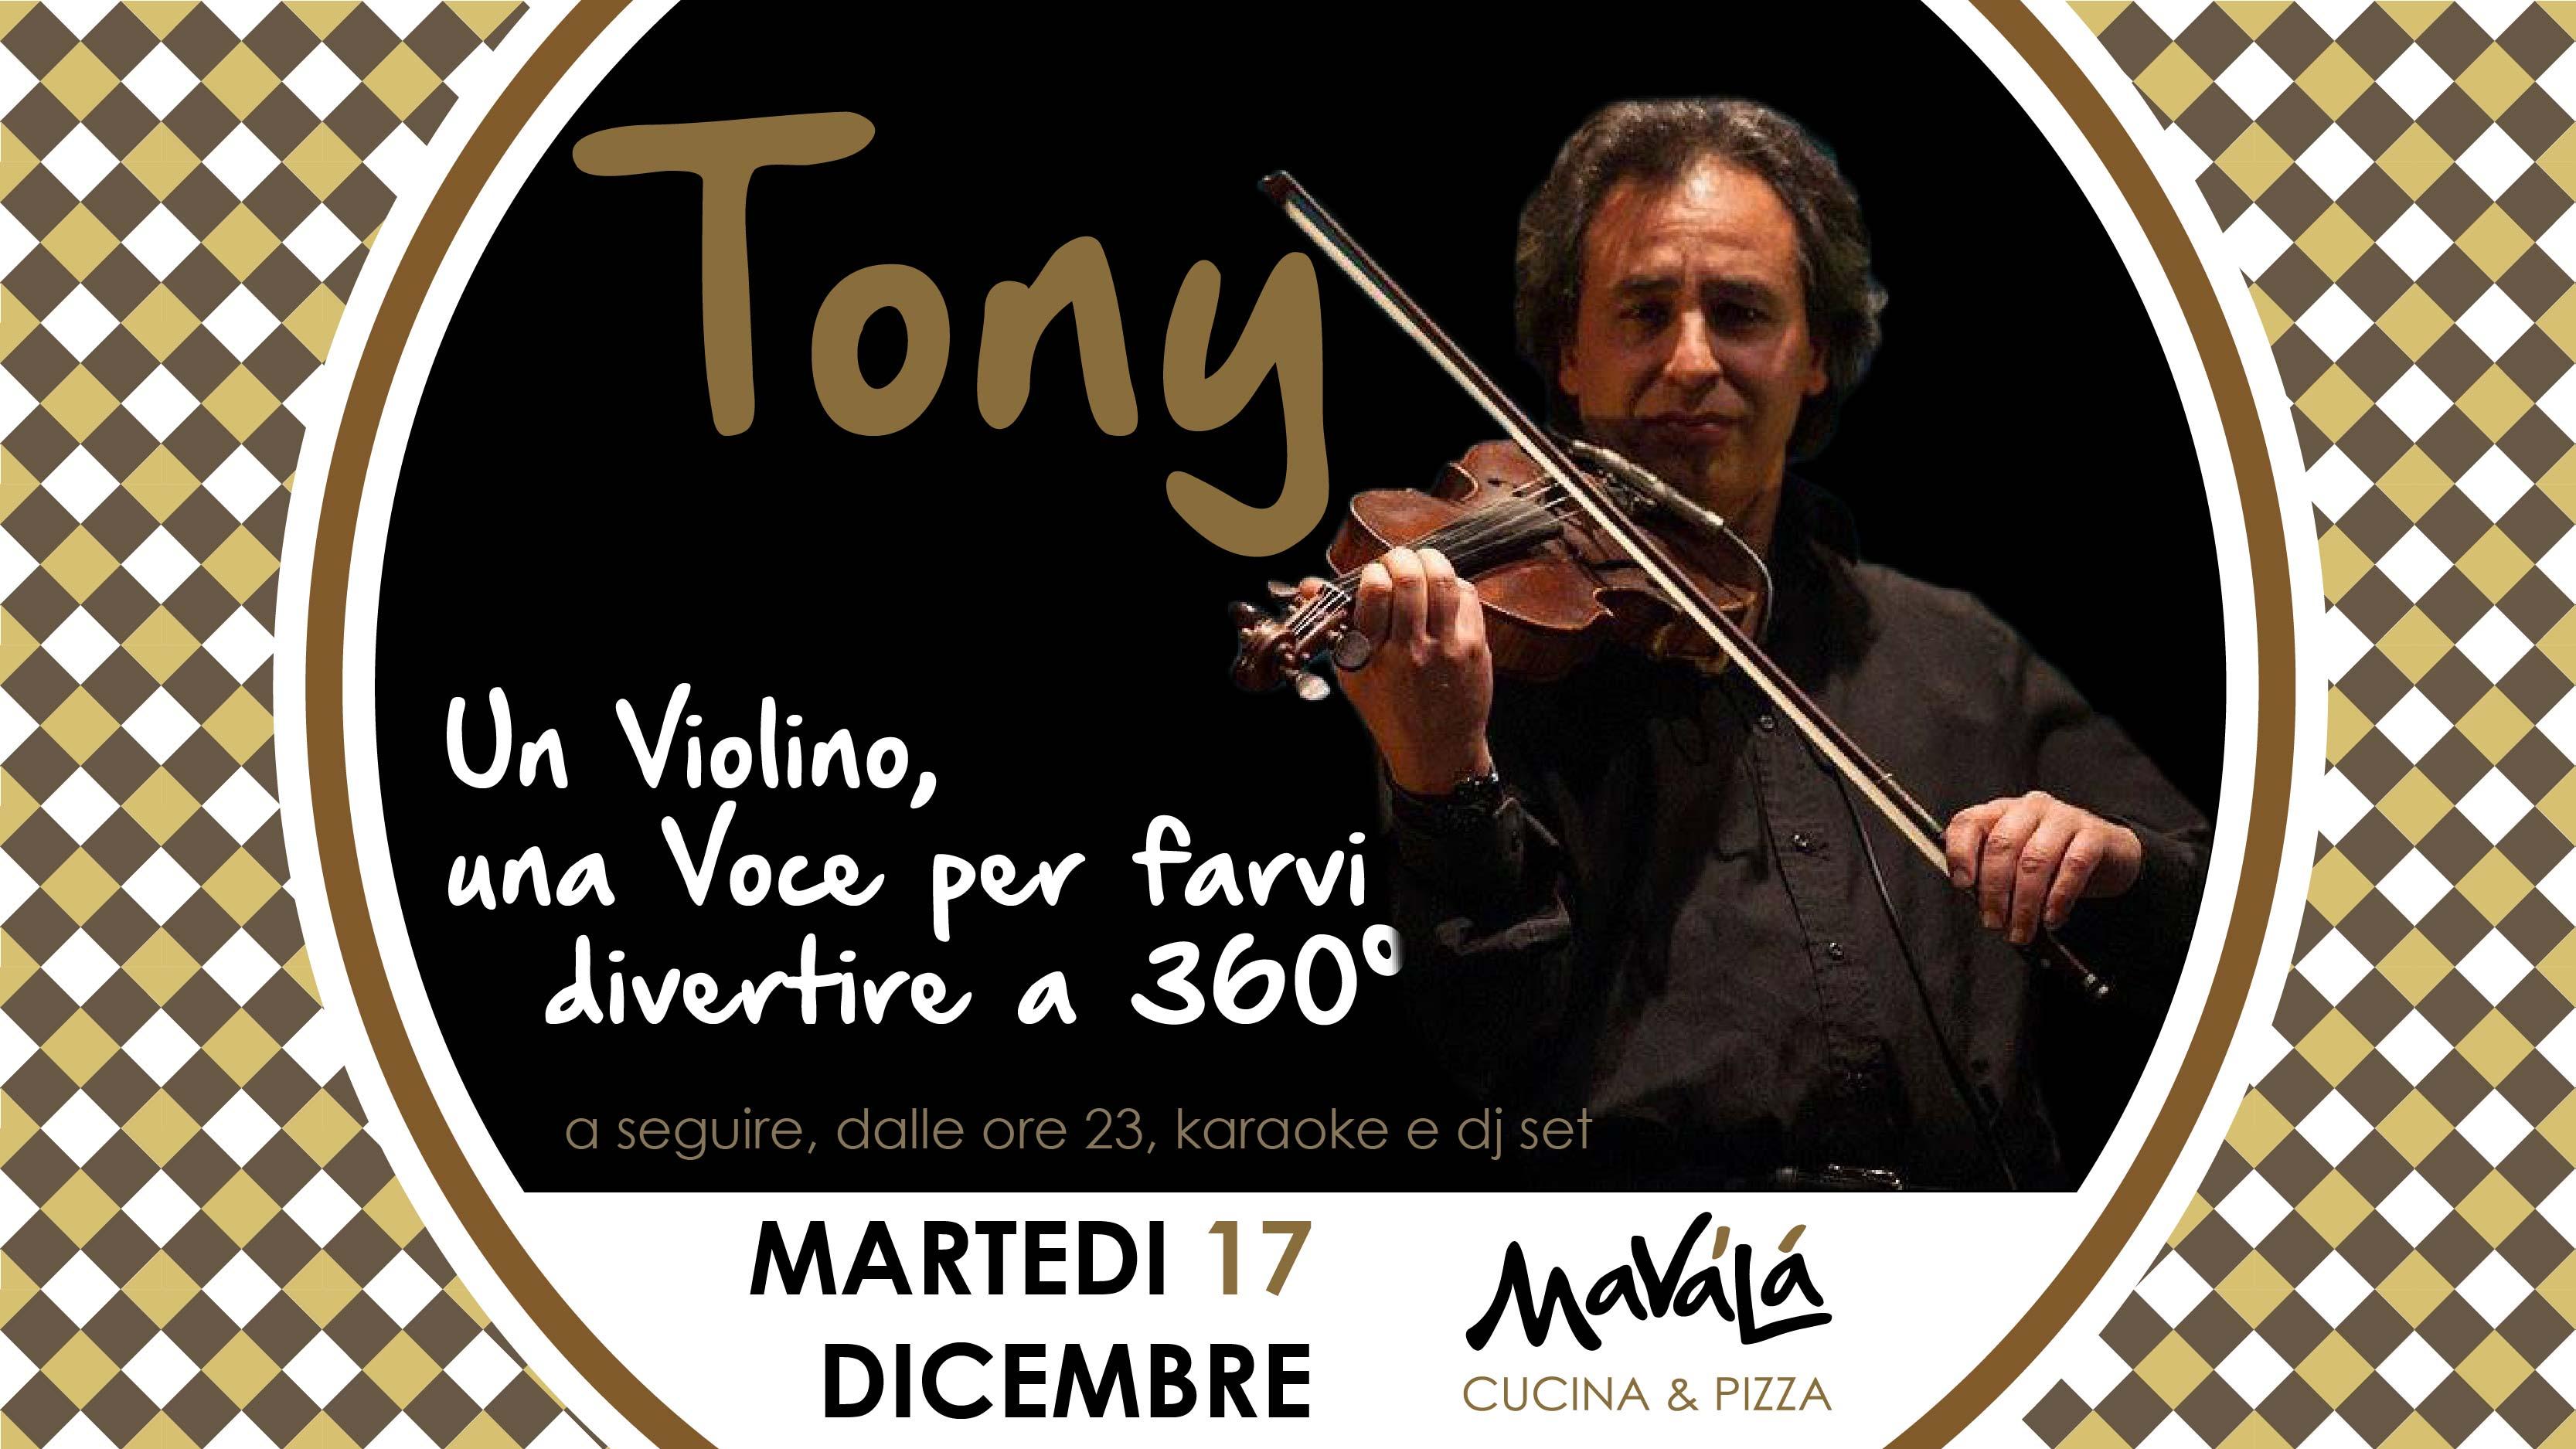 MAVALA_LOCANDINE_DICEMBRE_17_TONY-04